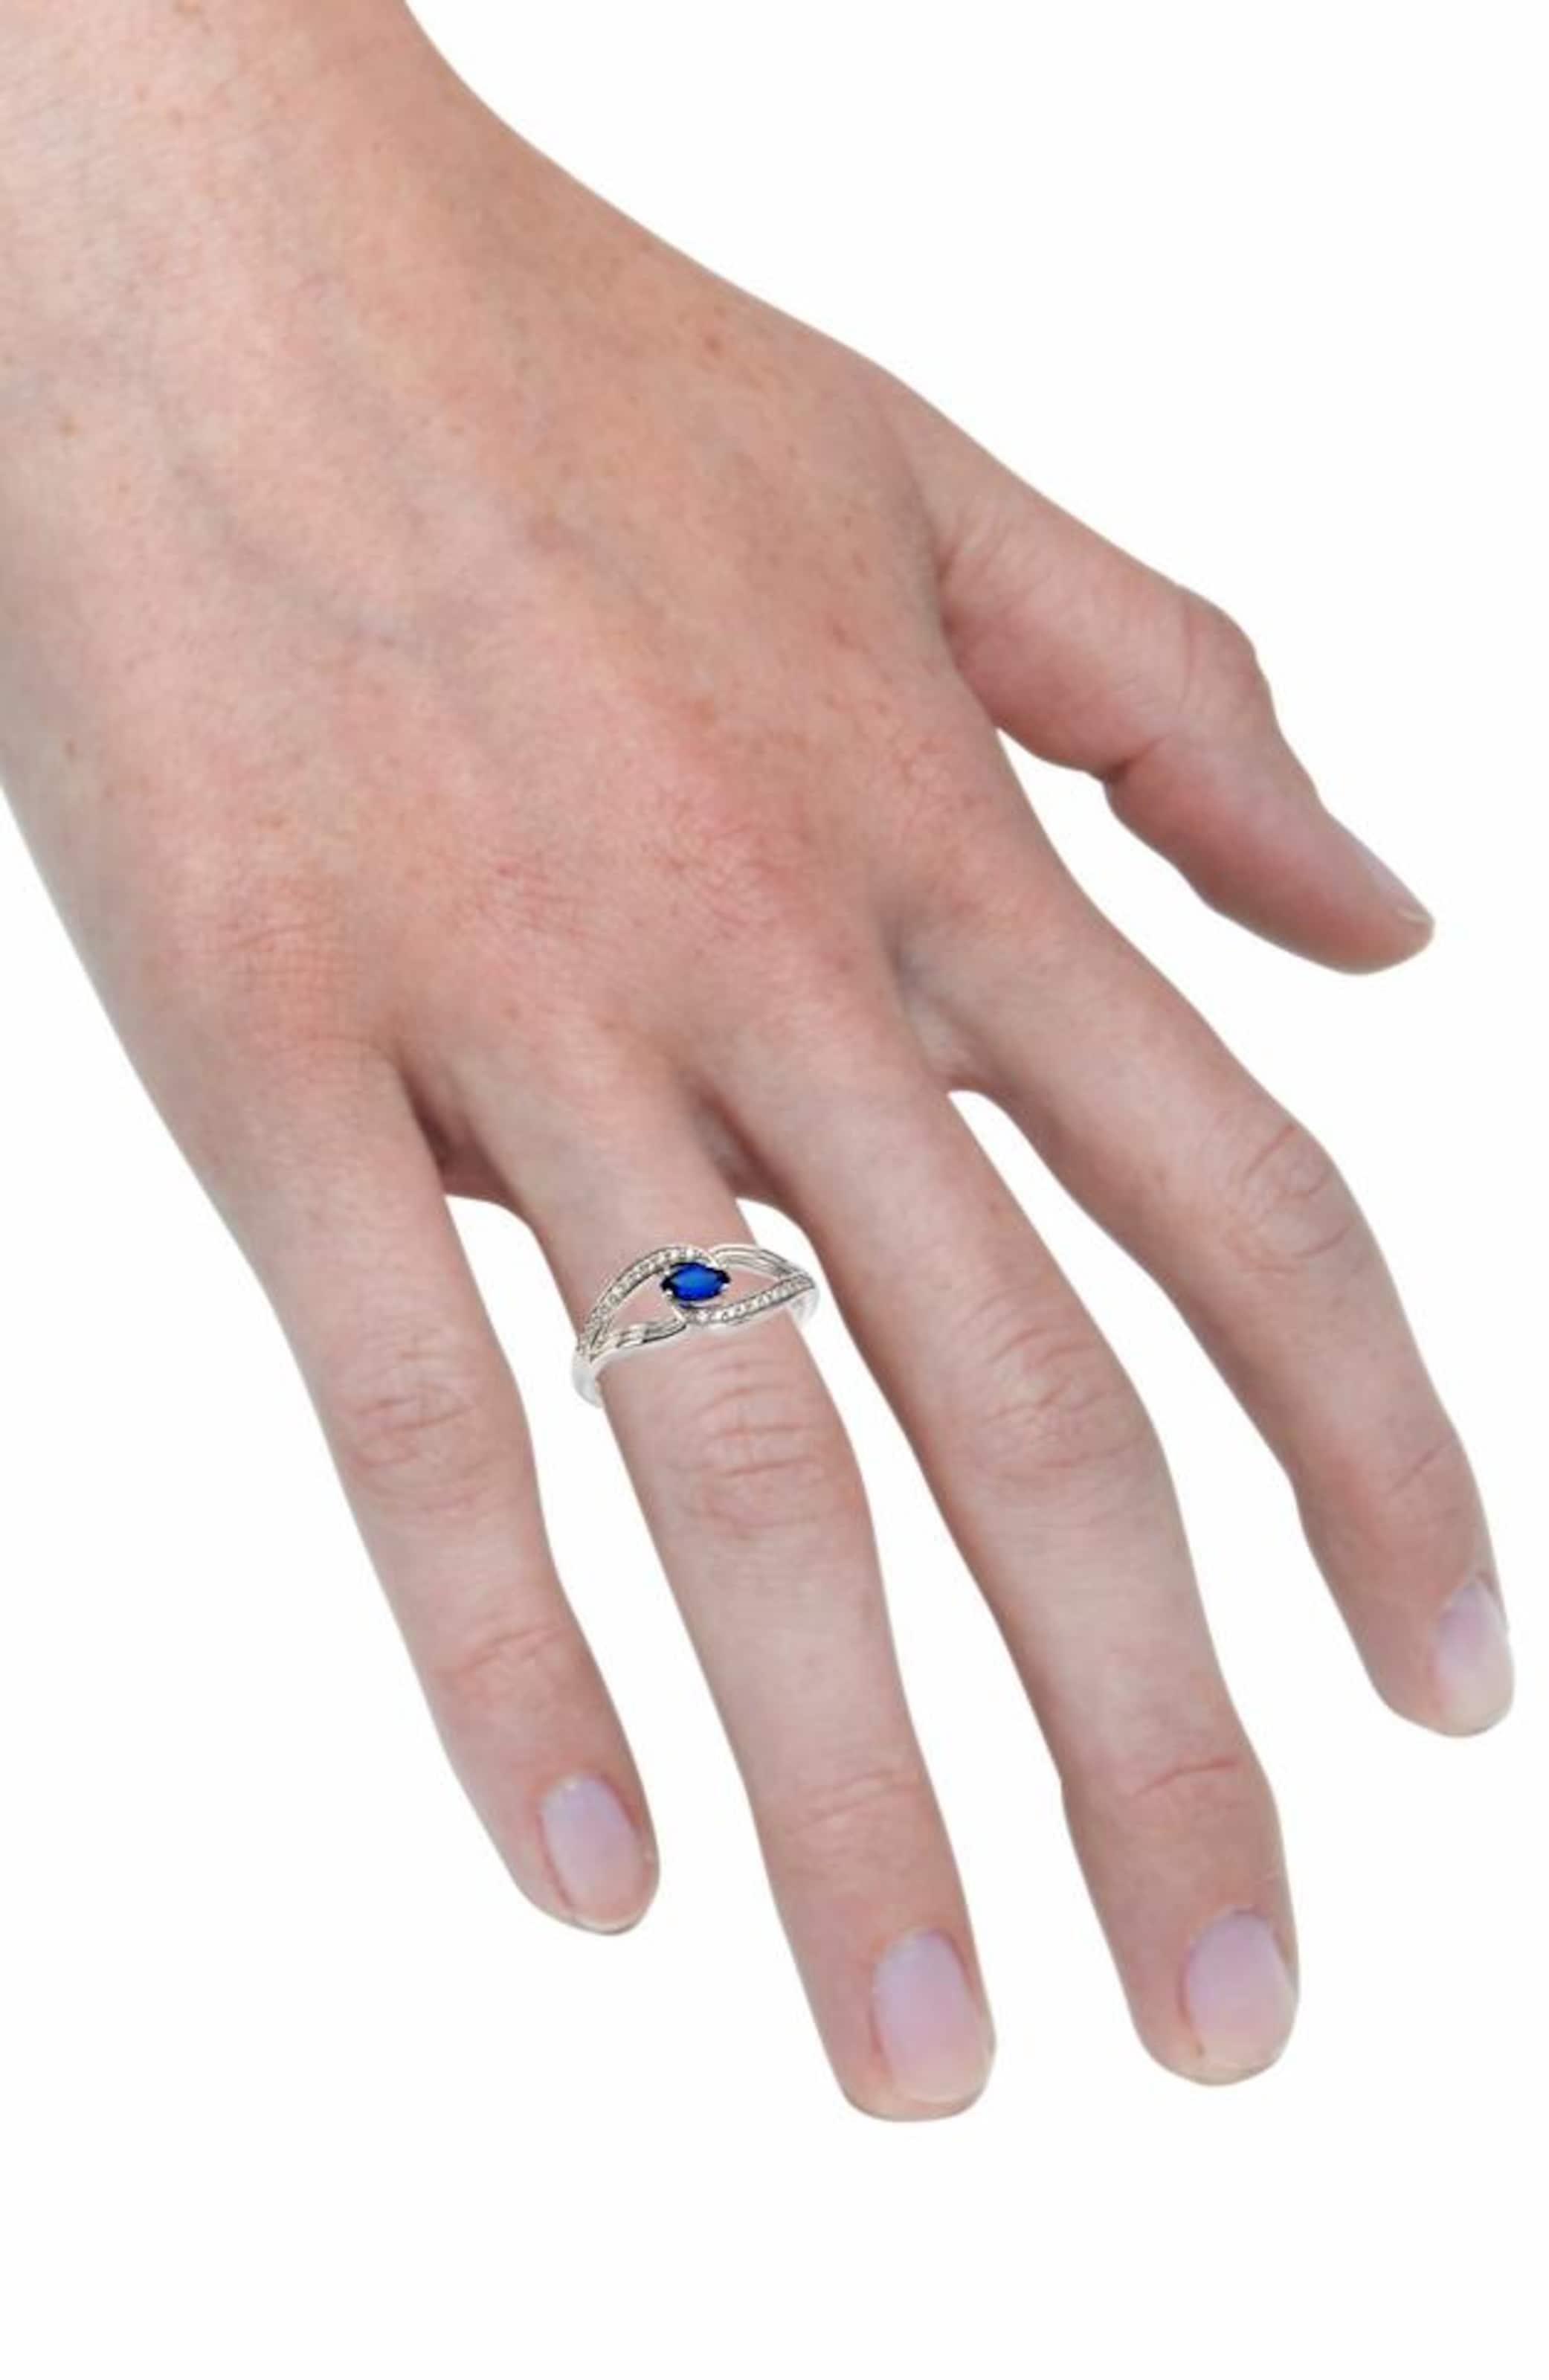 Wo Findet Man FIRETTI Fingerring Billig Verkaufen Brandneue Unisex Nagelneu Unisex Qualität Original Einkaufen IkySJUnwj